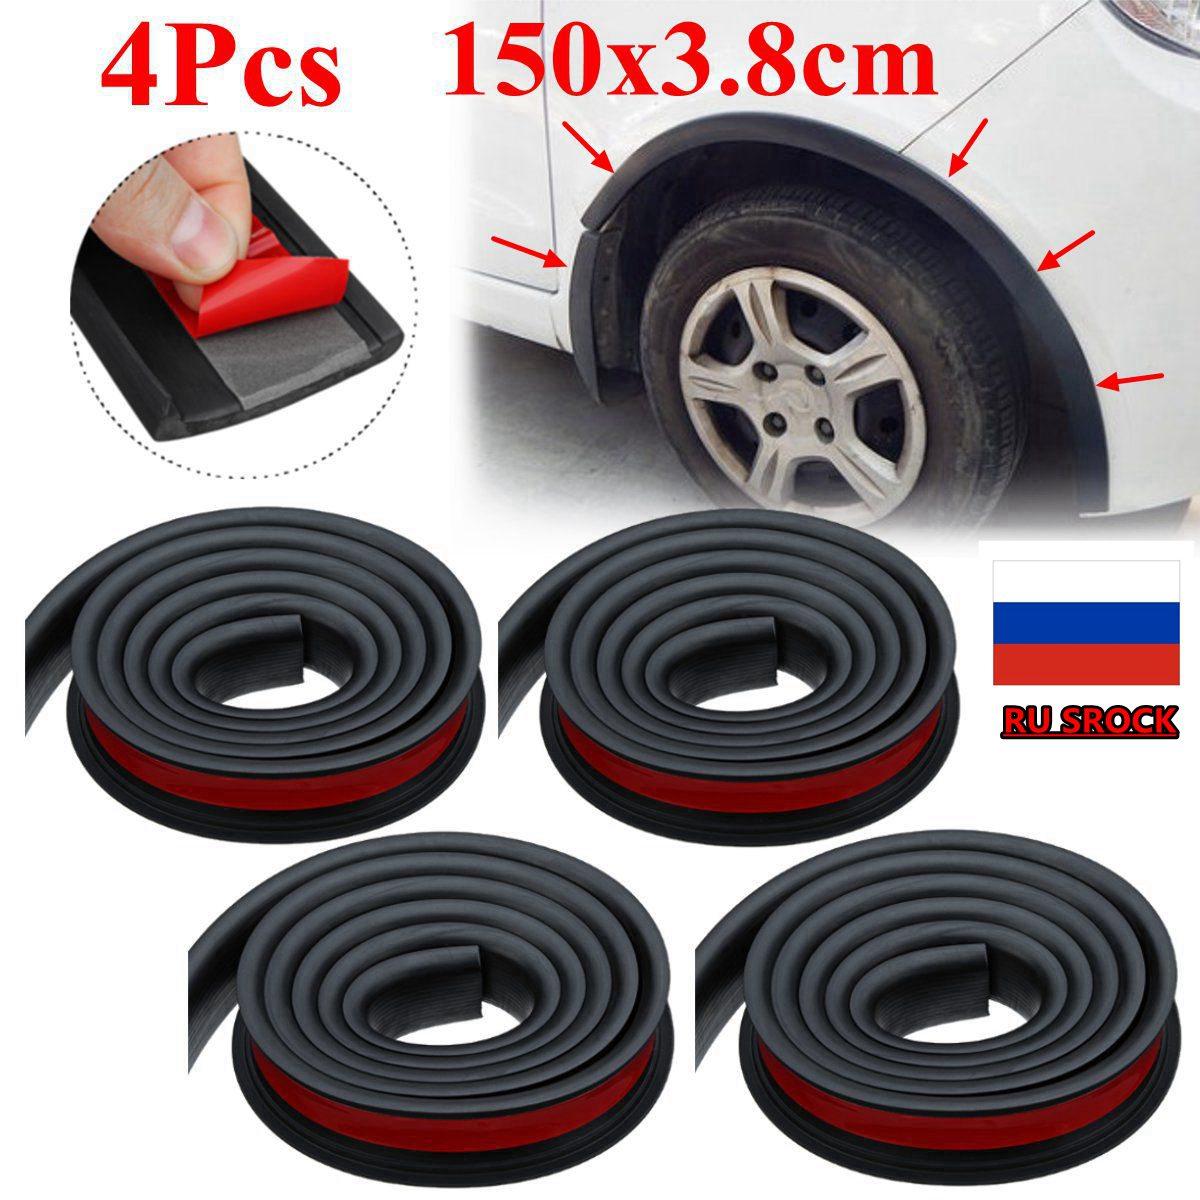 Universal Paar Gummi Auto Kotflügel Trim Radlauf Schutz Formteile für die meisten autos lkw Suv Auto Styling Form 1,5 M x 3,8 CM